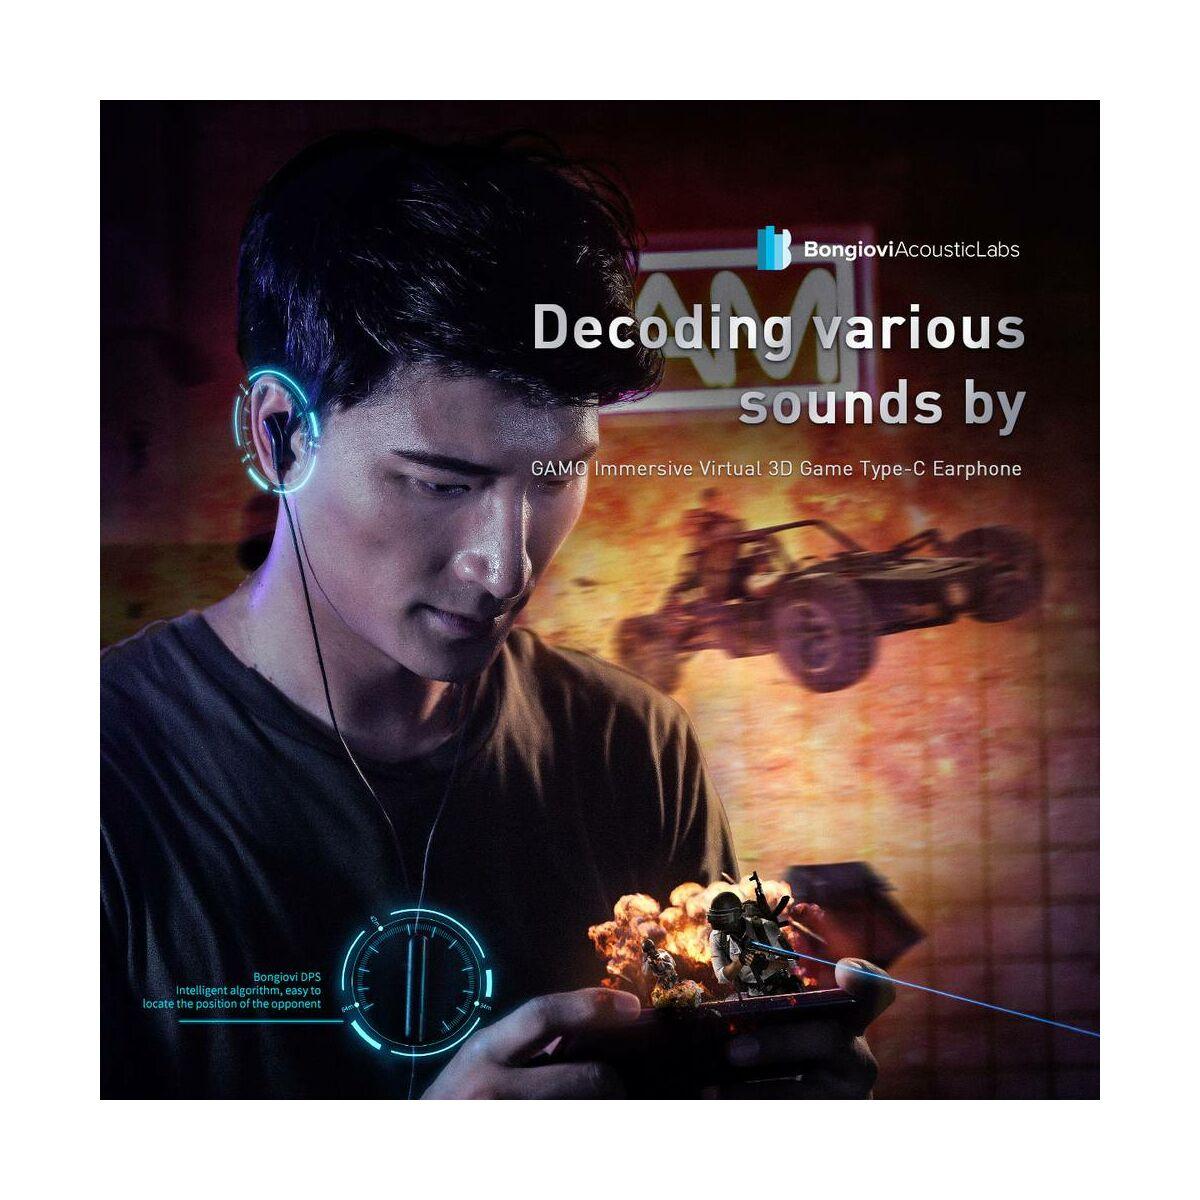 Baseus fülhallgató, GAMO C18, Immersive Virtual 3D mobil játékokhoz, vezetékes, Type-C csatlakozóval, fekete (NGC18-01)